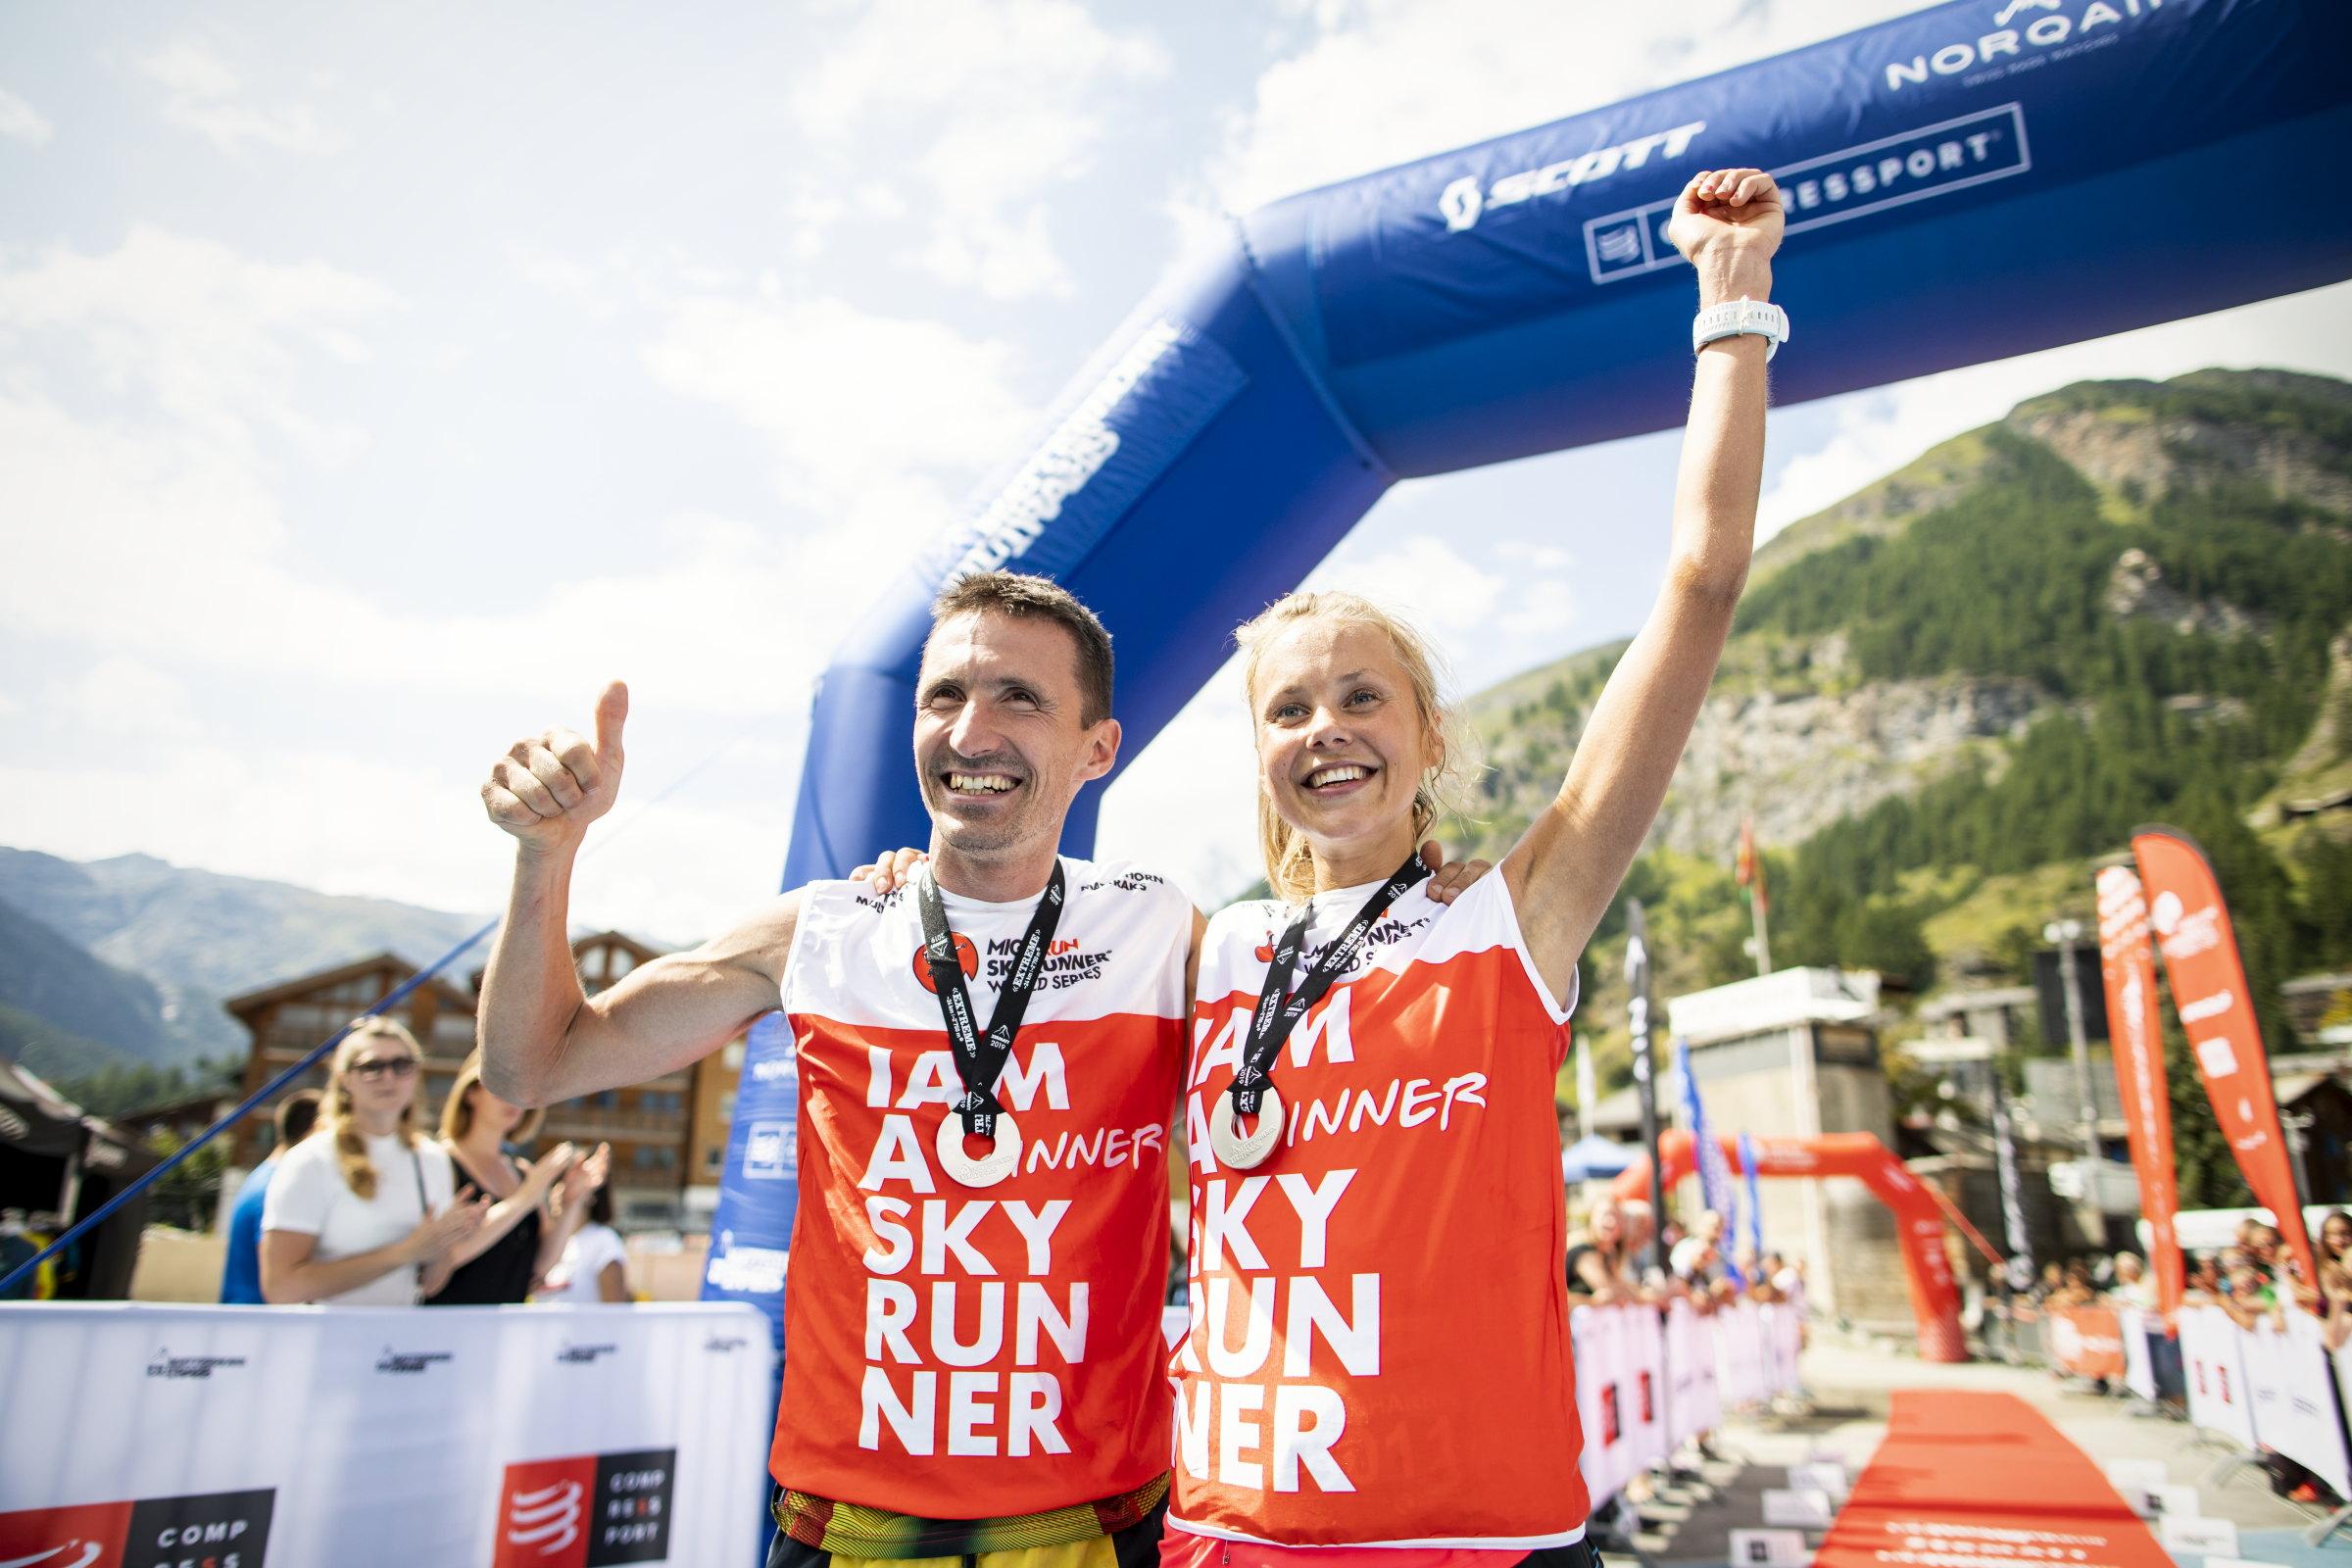 優勝したイタリアのダニエル・アントニオ―リ(左)とスウェーデンのヨアンナ・アストロム(右) ©Sho Fujimaki